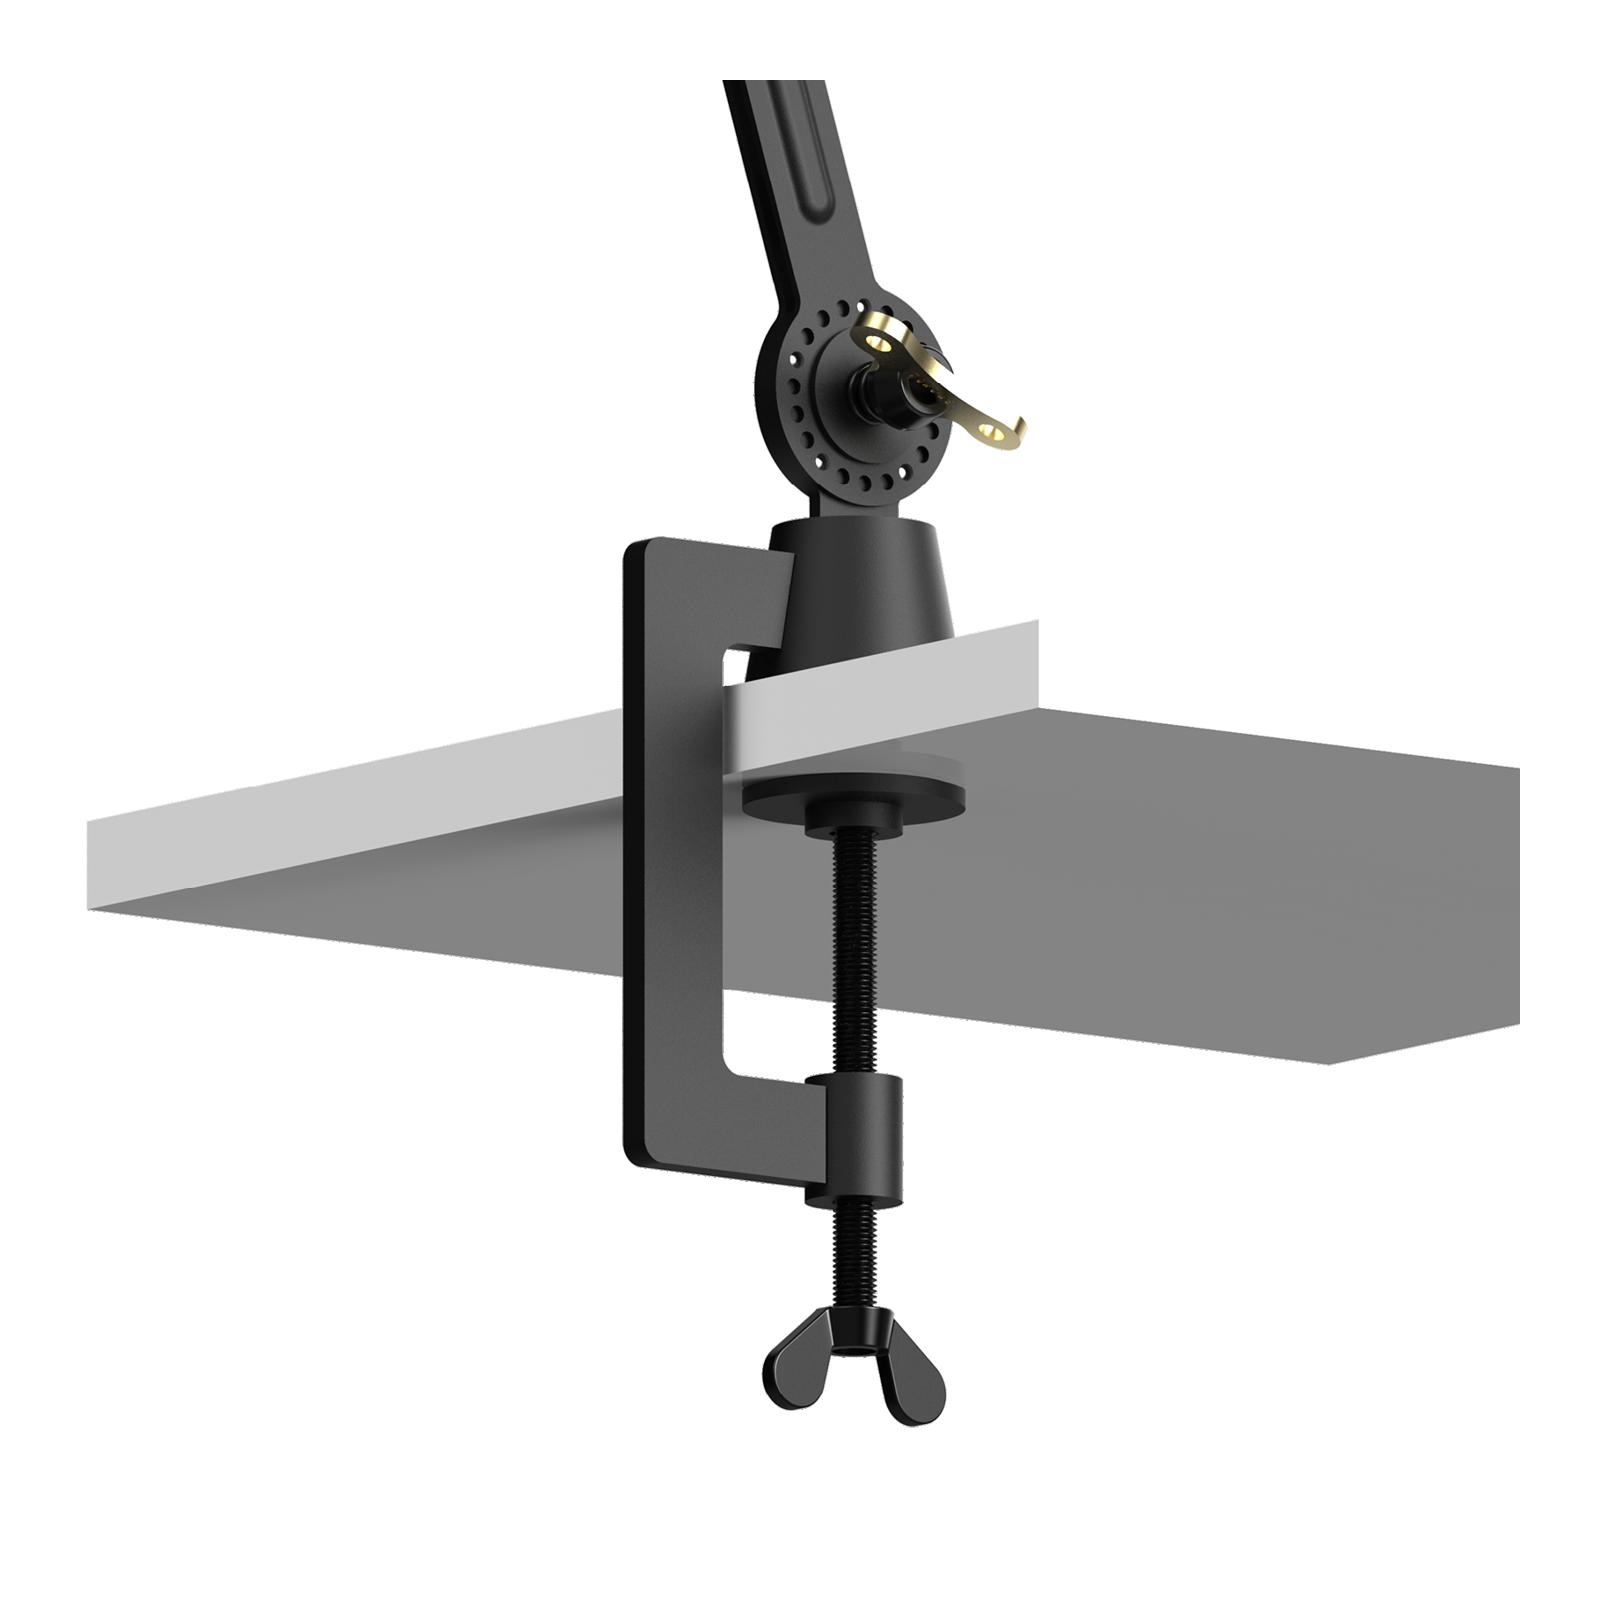 bolt desk 2arm clamp